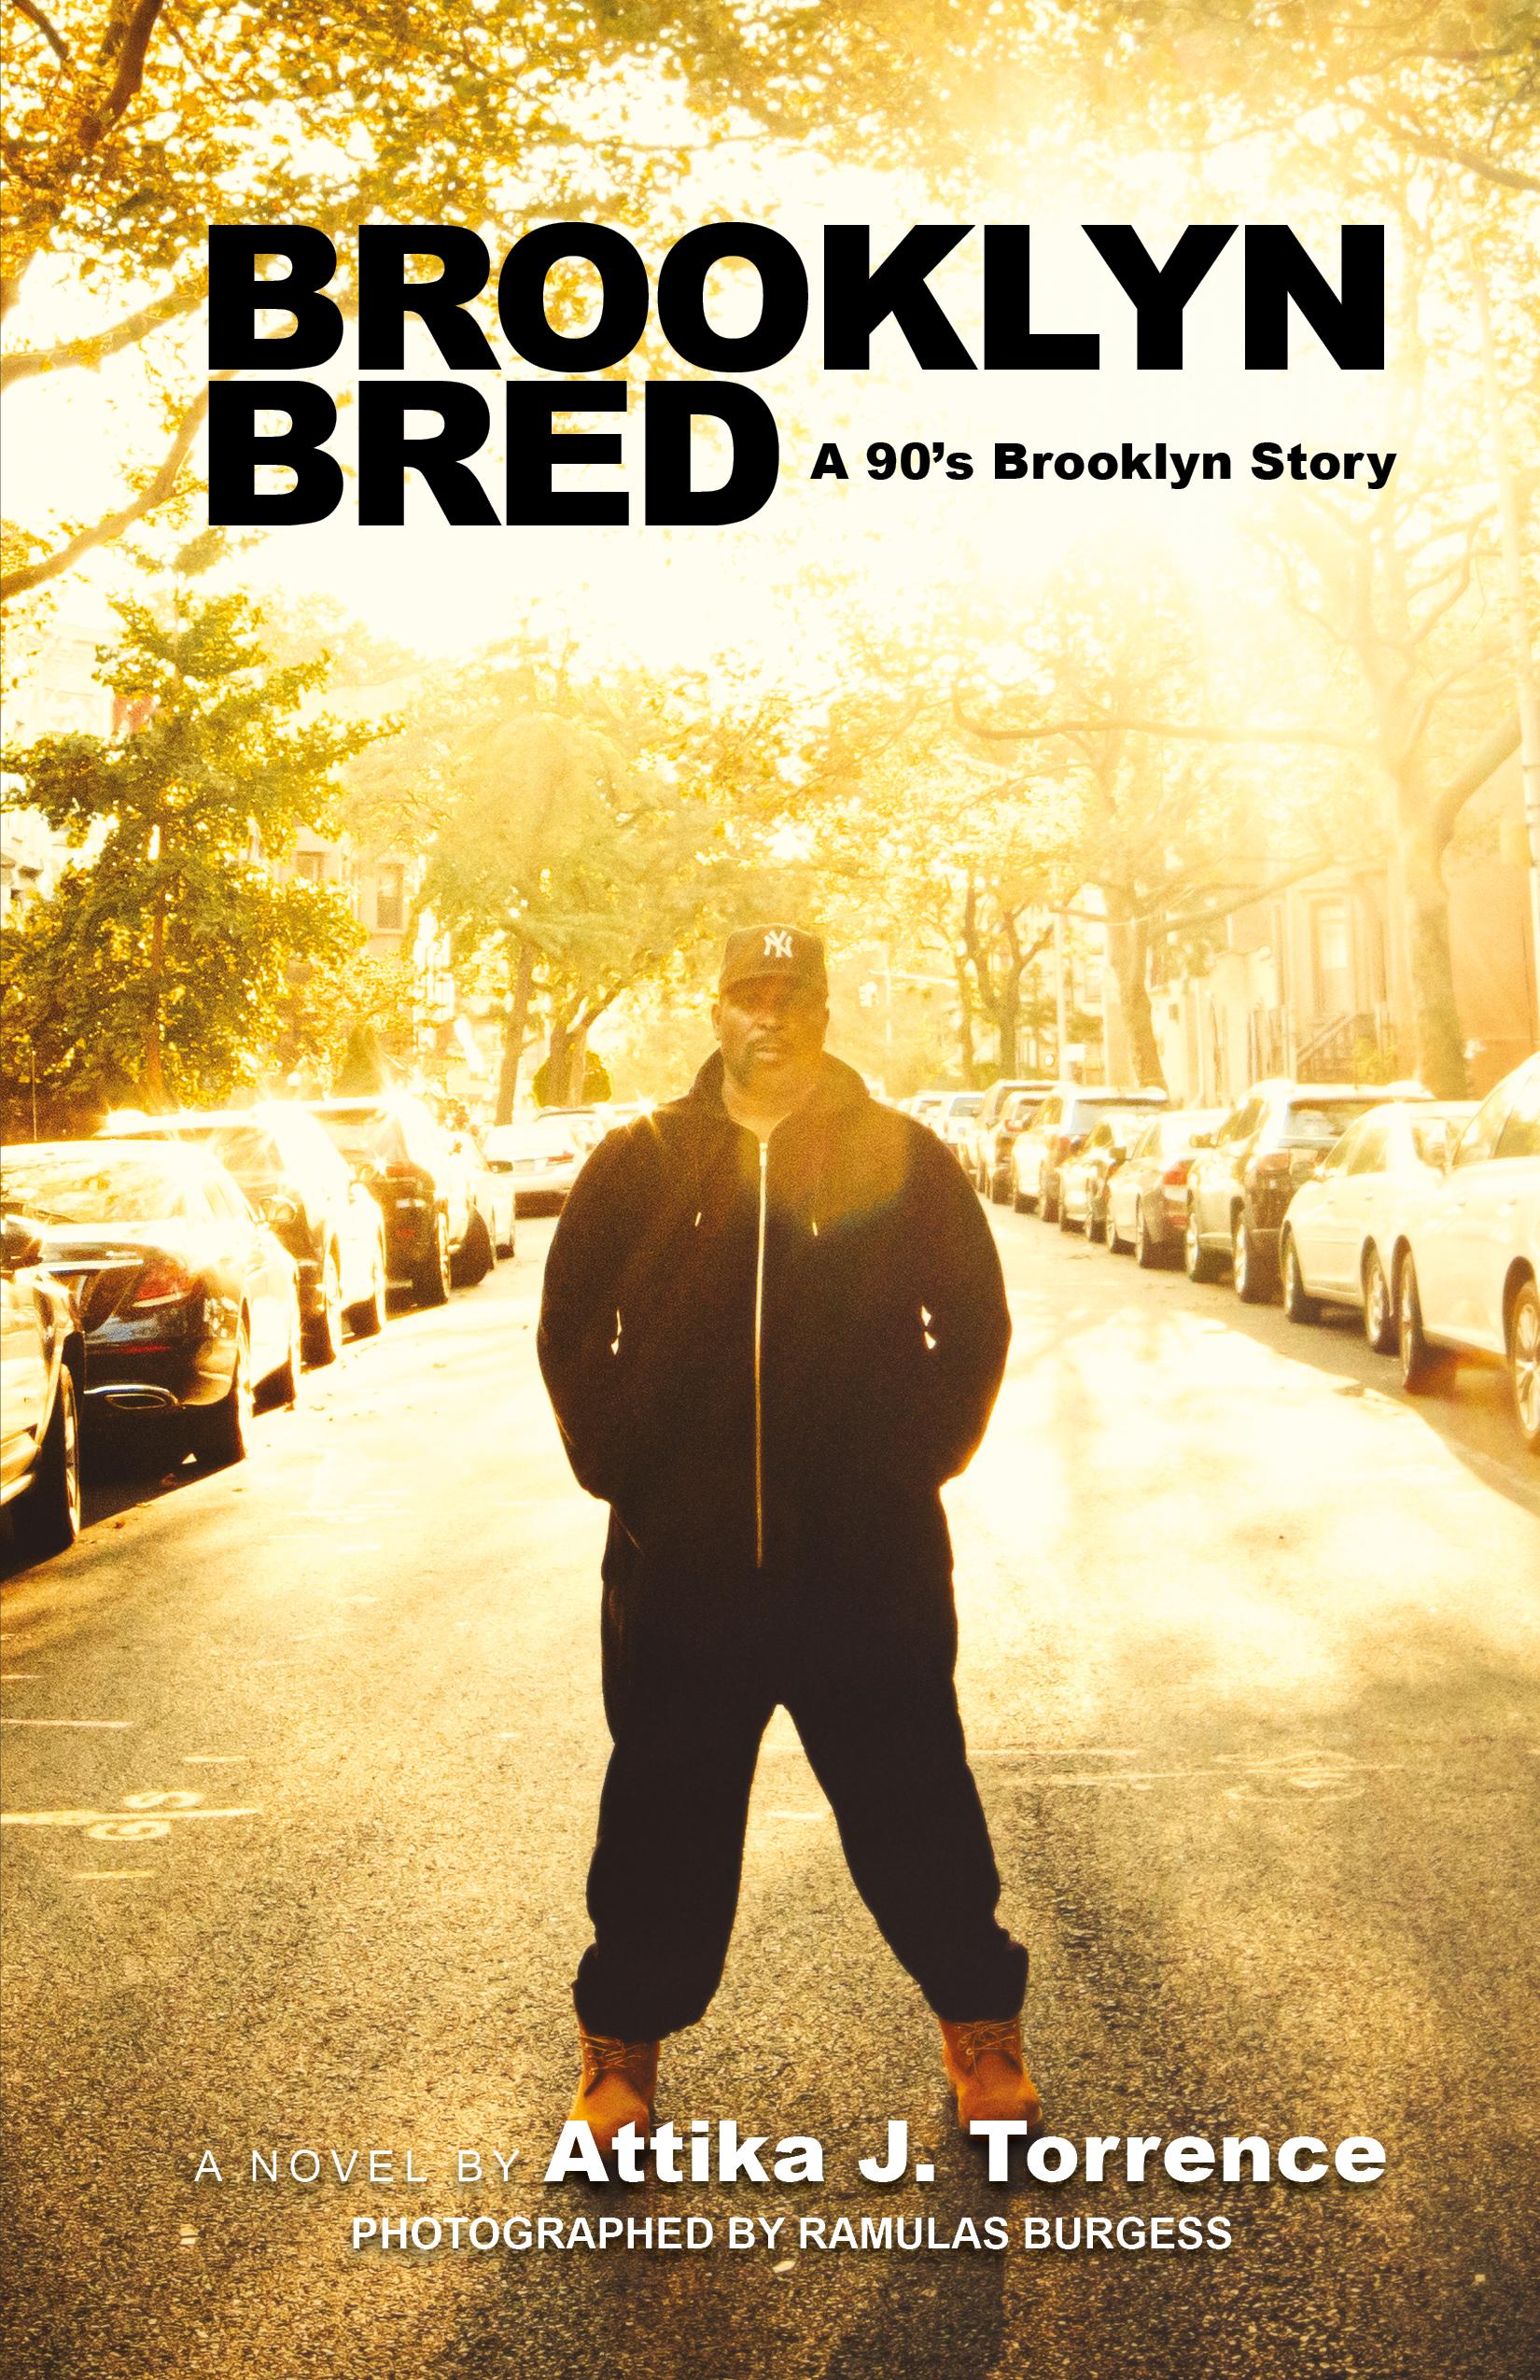 Brooklyn Bred: A 90's Brooklyn Story